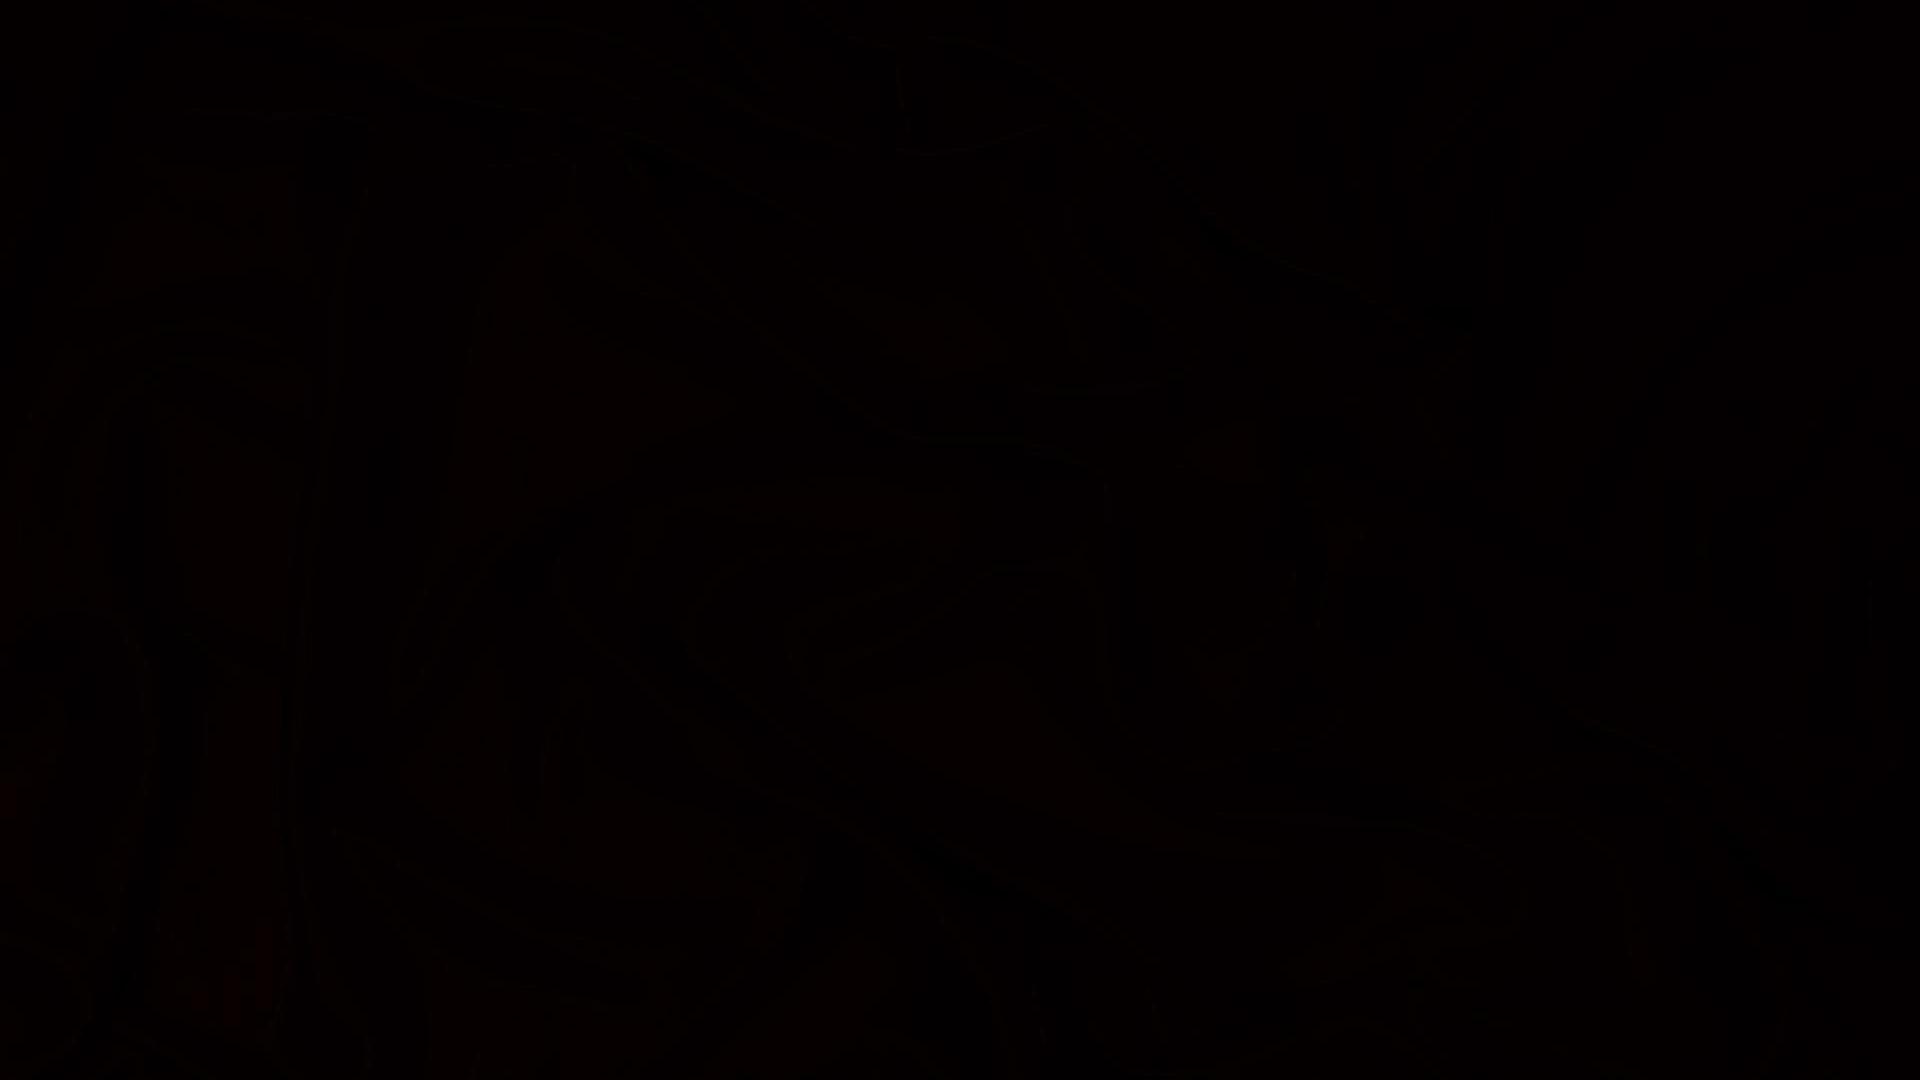 Black Wallpaper Hd 1080p Wallpapersafari